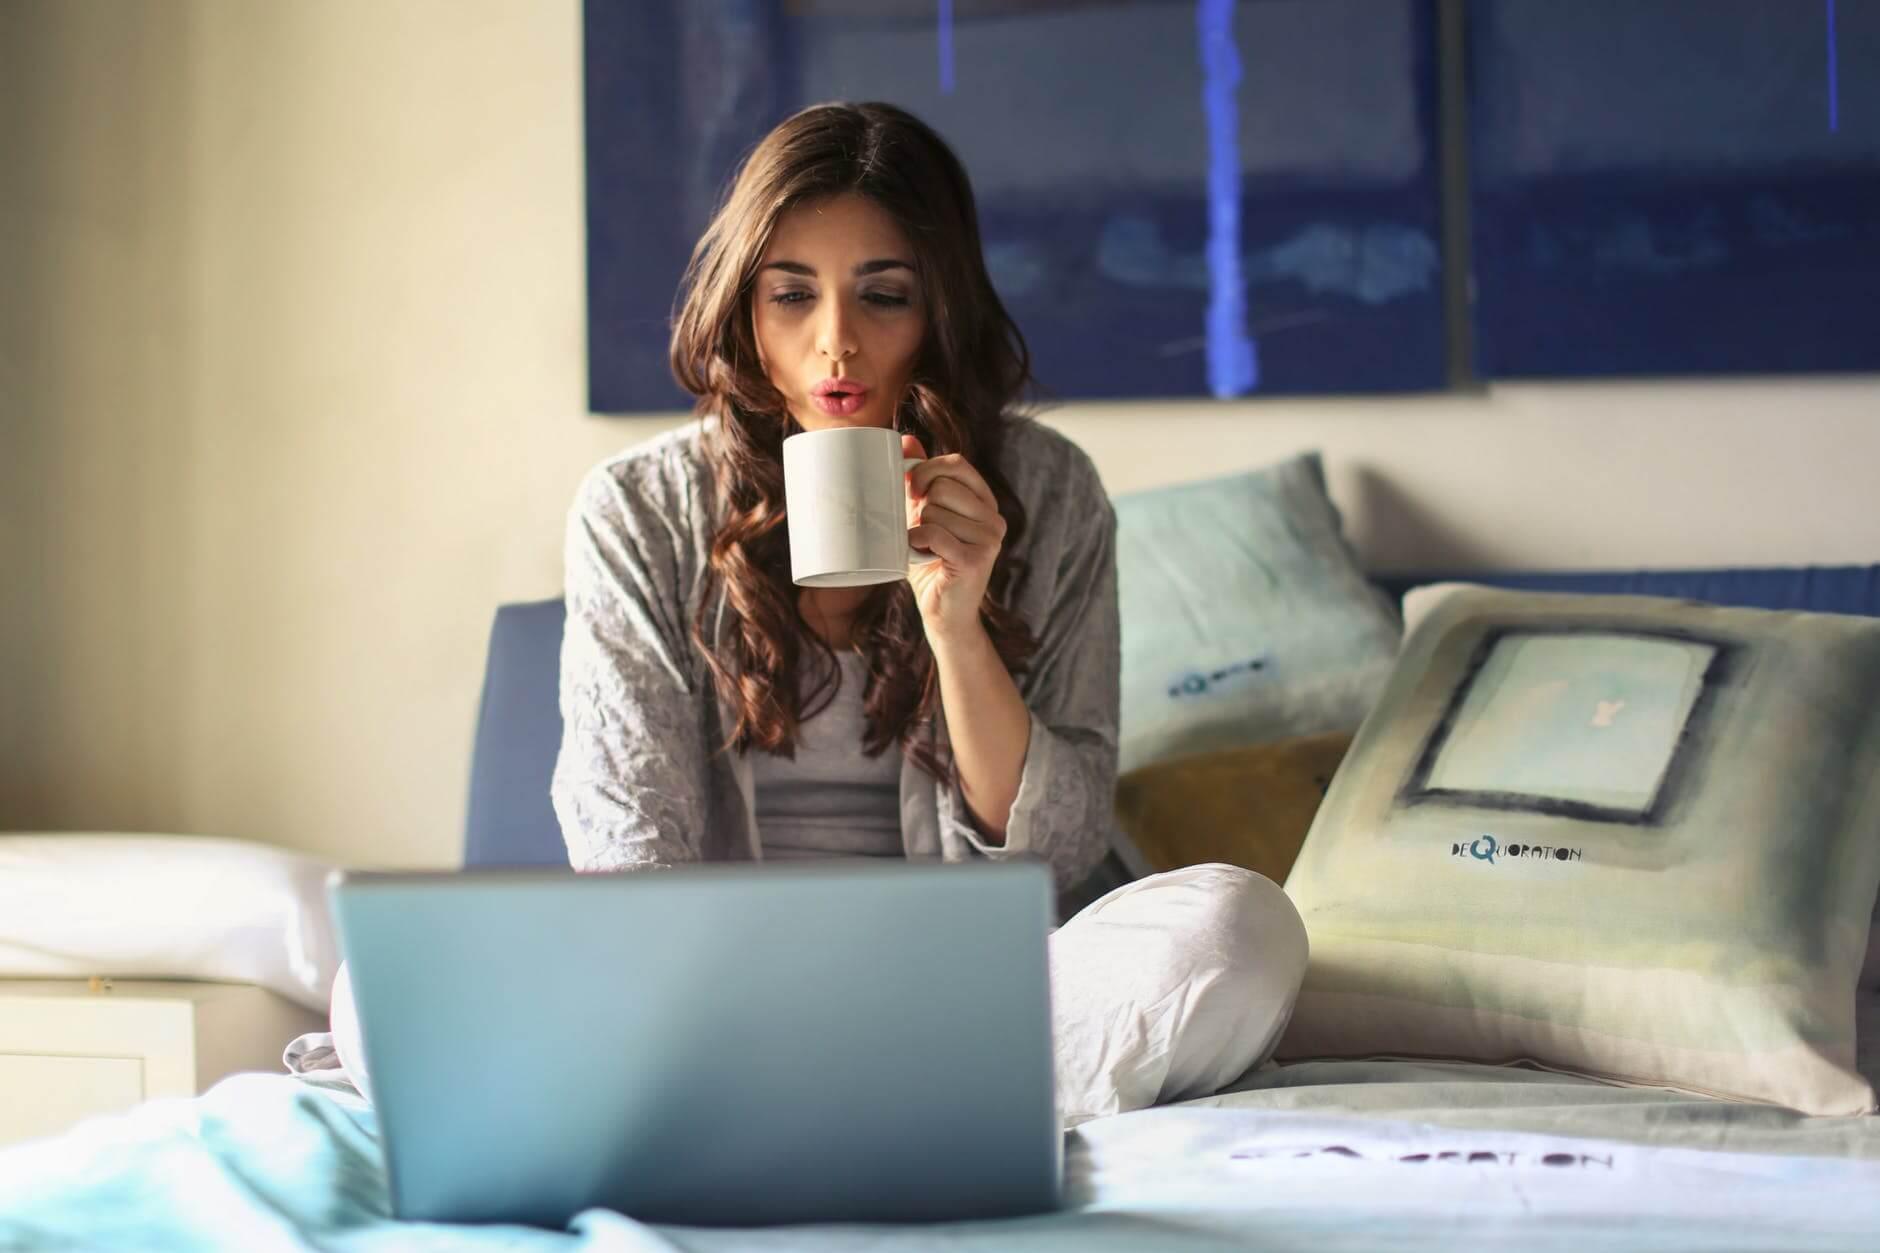 Práca z domu: Kde a ako zarábať na vypĺňaní dotazníkov?